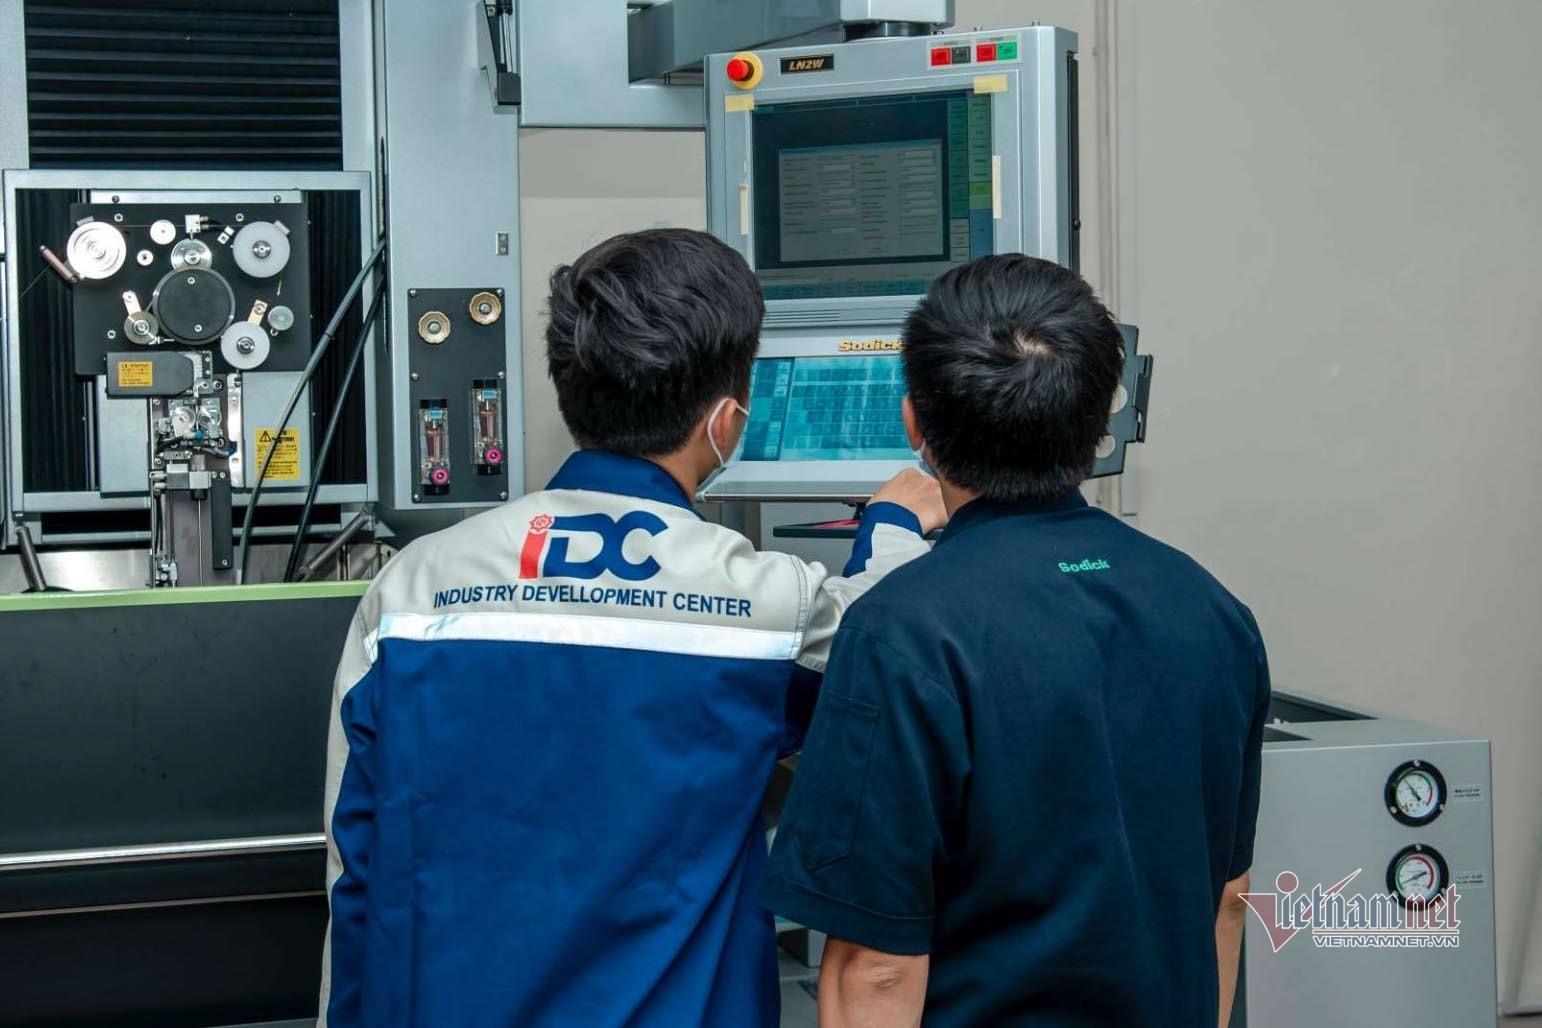 Trung tâm hỗ trợ kỹ thuật: Giảm chi phí cho doanh nghiệp hỗ trợ Việt Nam